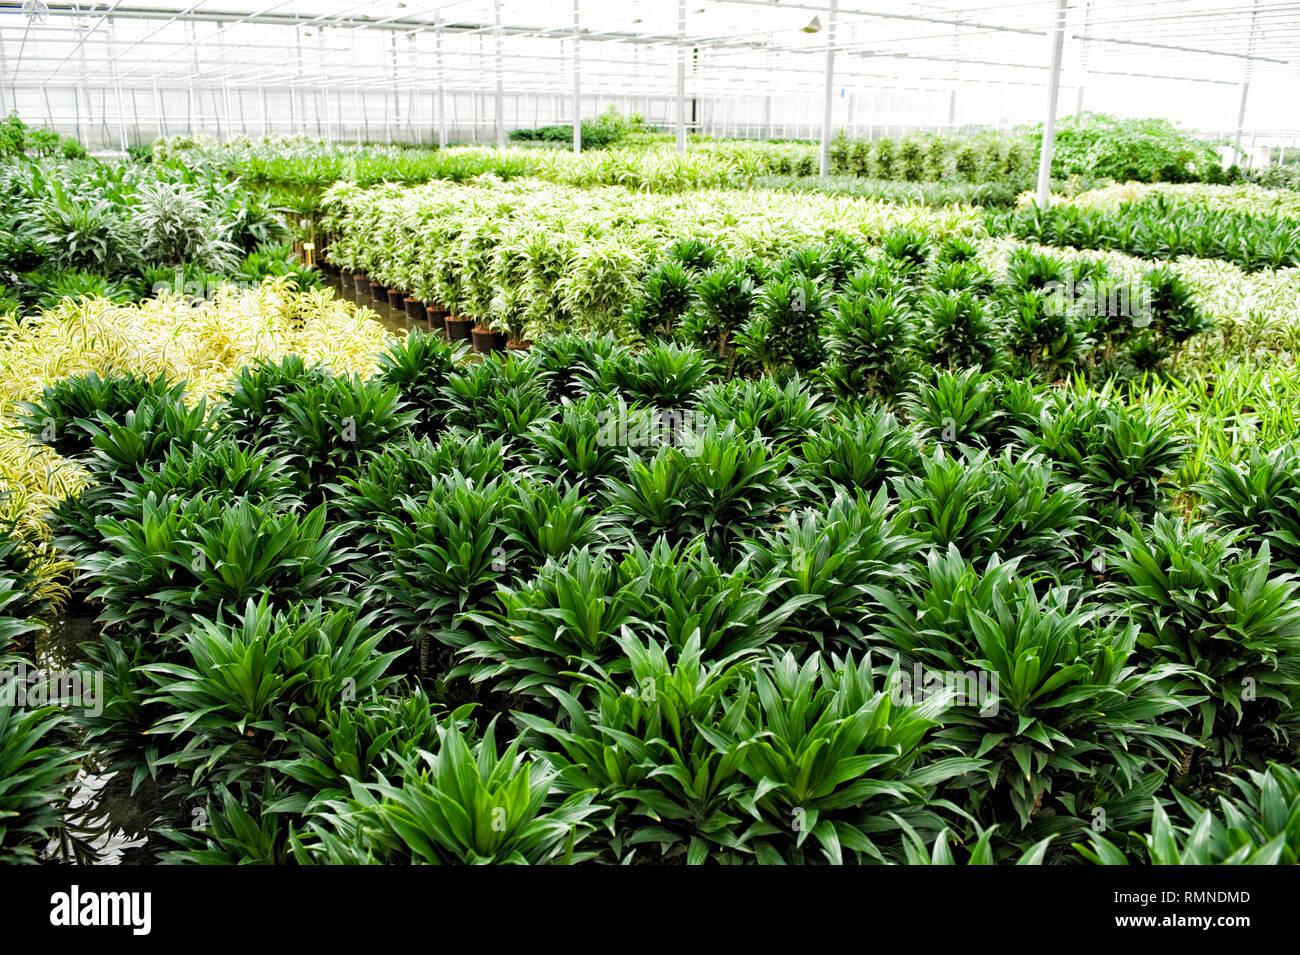 Gewaechshaus fuer Hydrokulturpflanzen das selber Energie erzeugt. Im Vordergrund stehen Dracaena Comacta Pflanzen. [(c) Dirk A. Friedrich - Stock Image